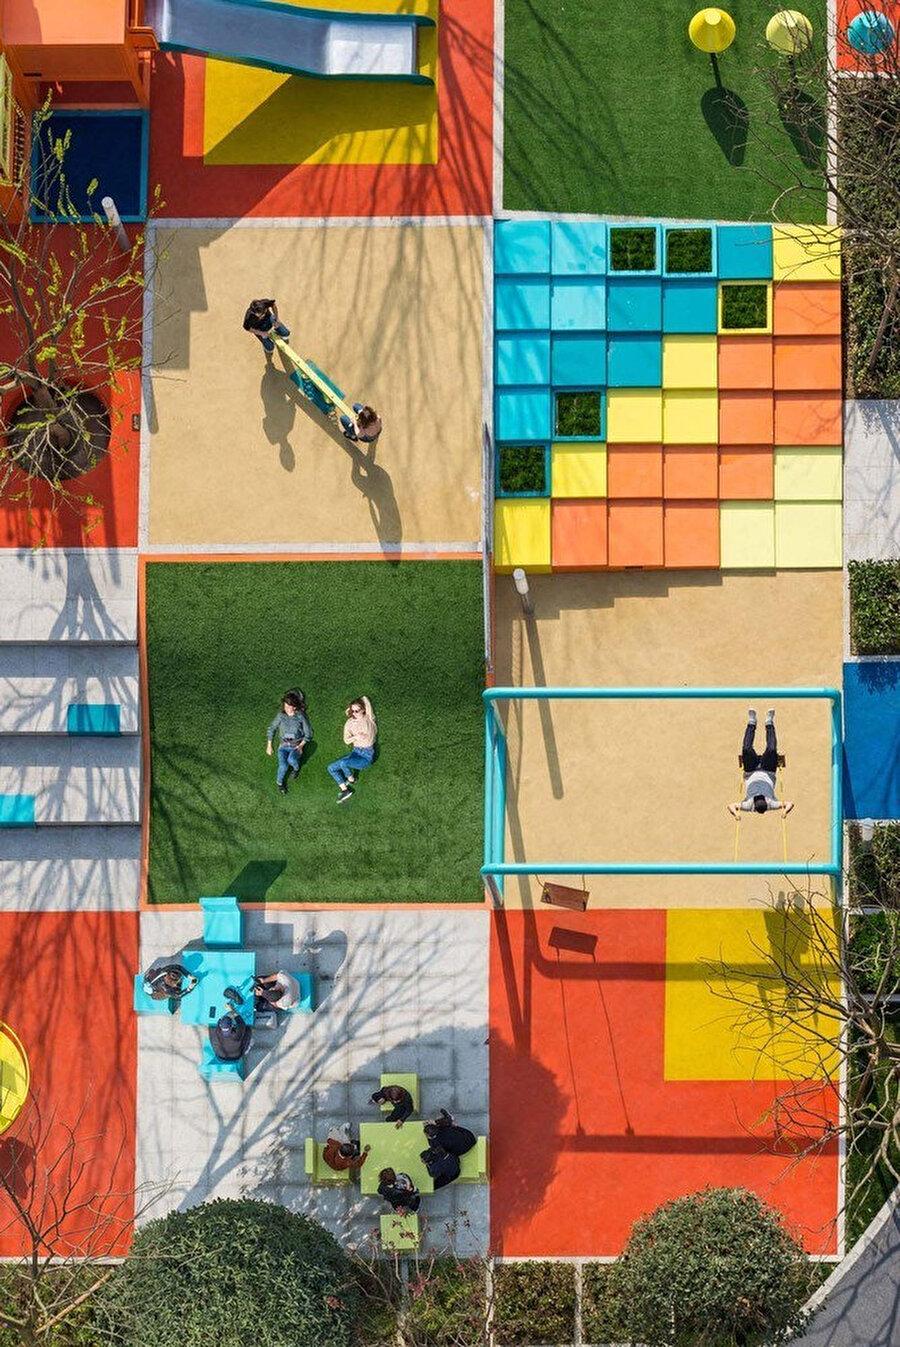 Proje, piksel adı verilen karelerin bir araya getirilmesiyle oluşturuluyor.